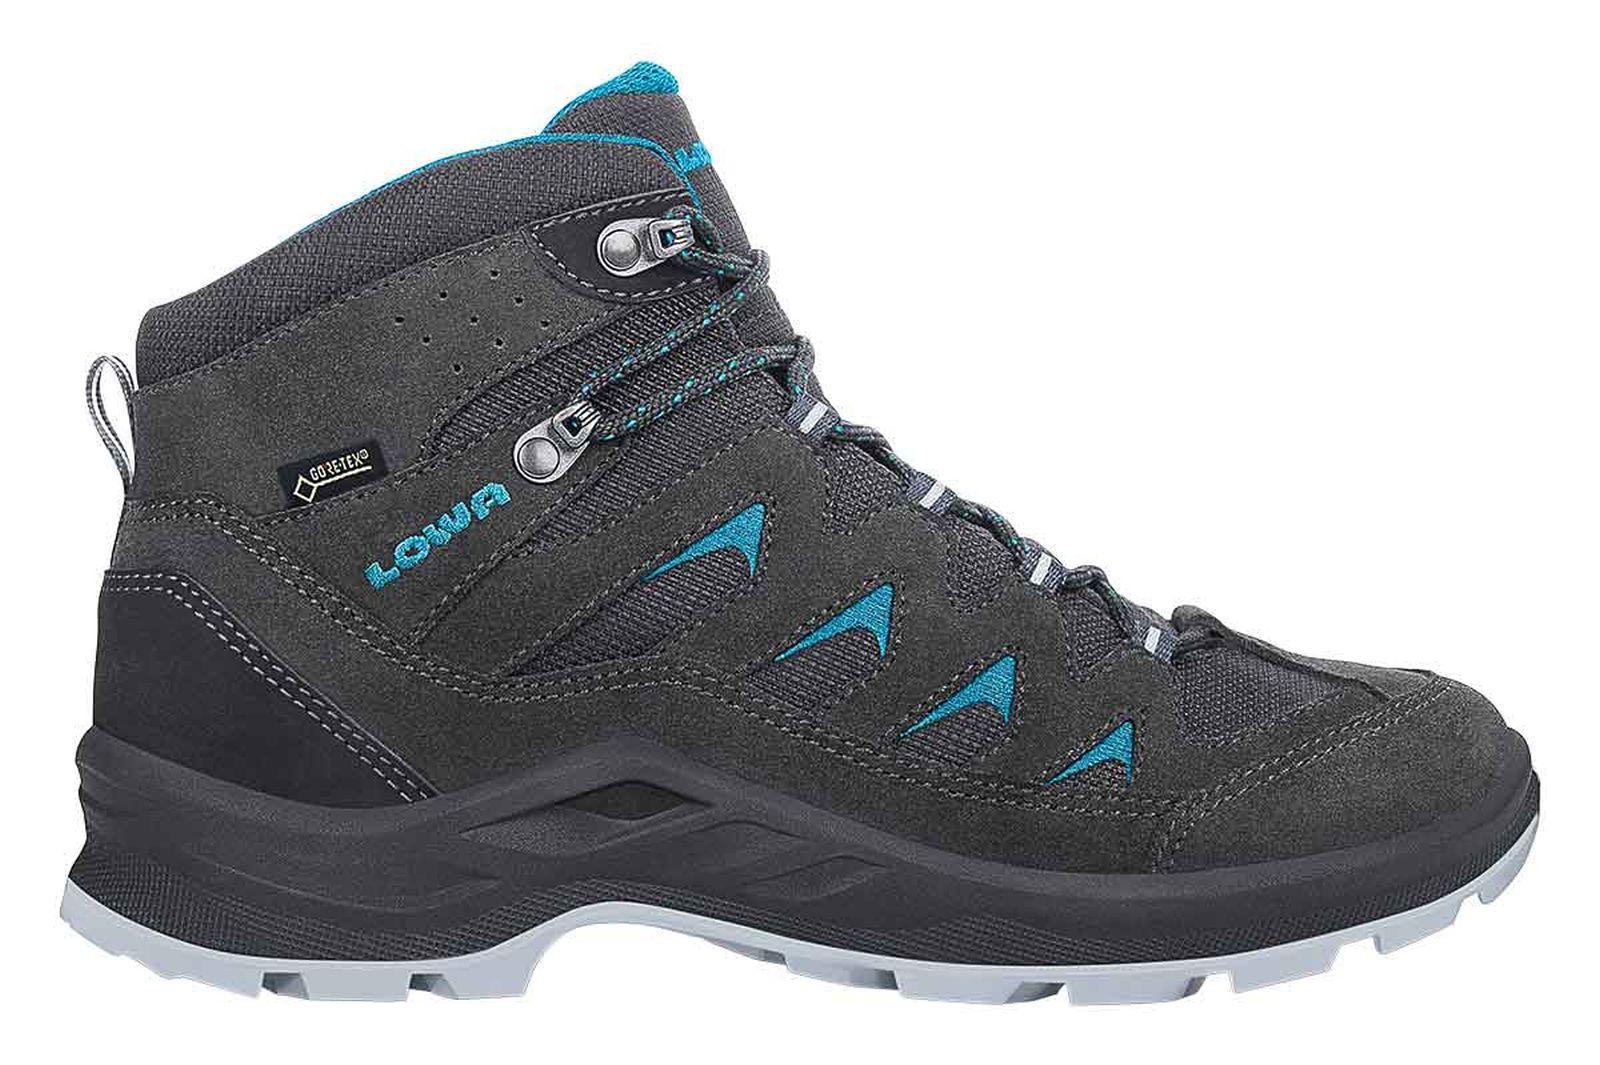 Details zu Lowa Damen Trekking Schuh LEVANTE GTX Gore Tex Ws All Terrain anthrazit türkis